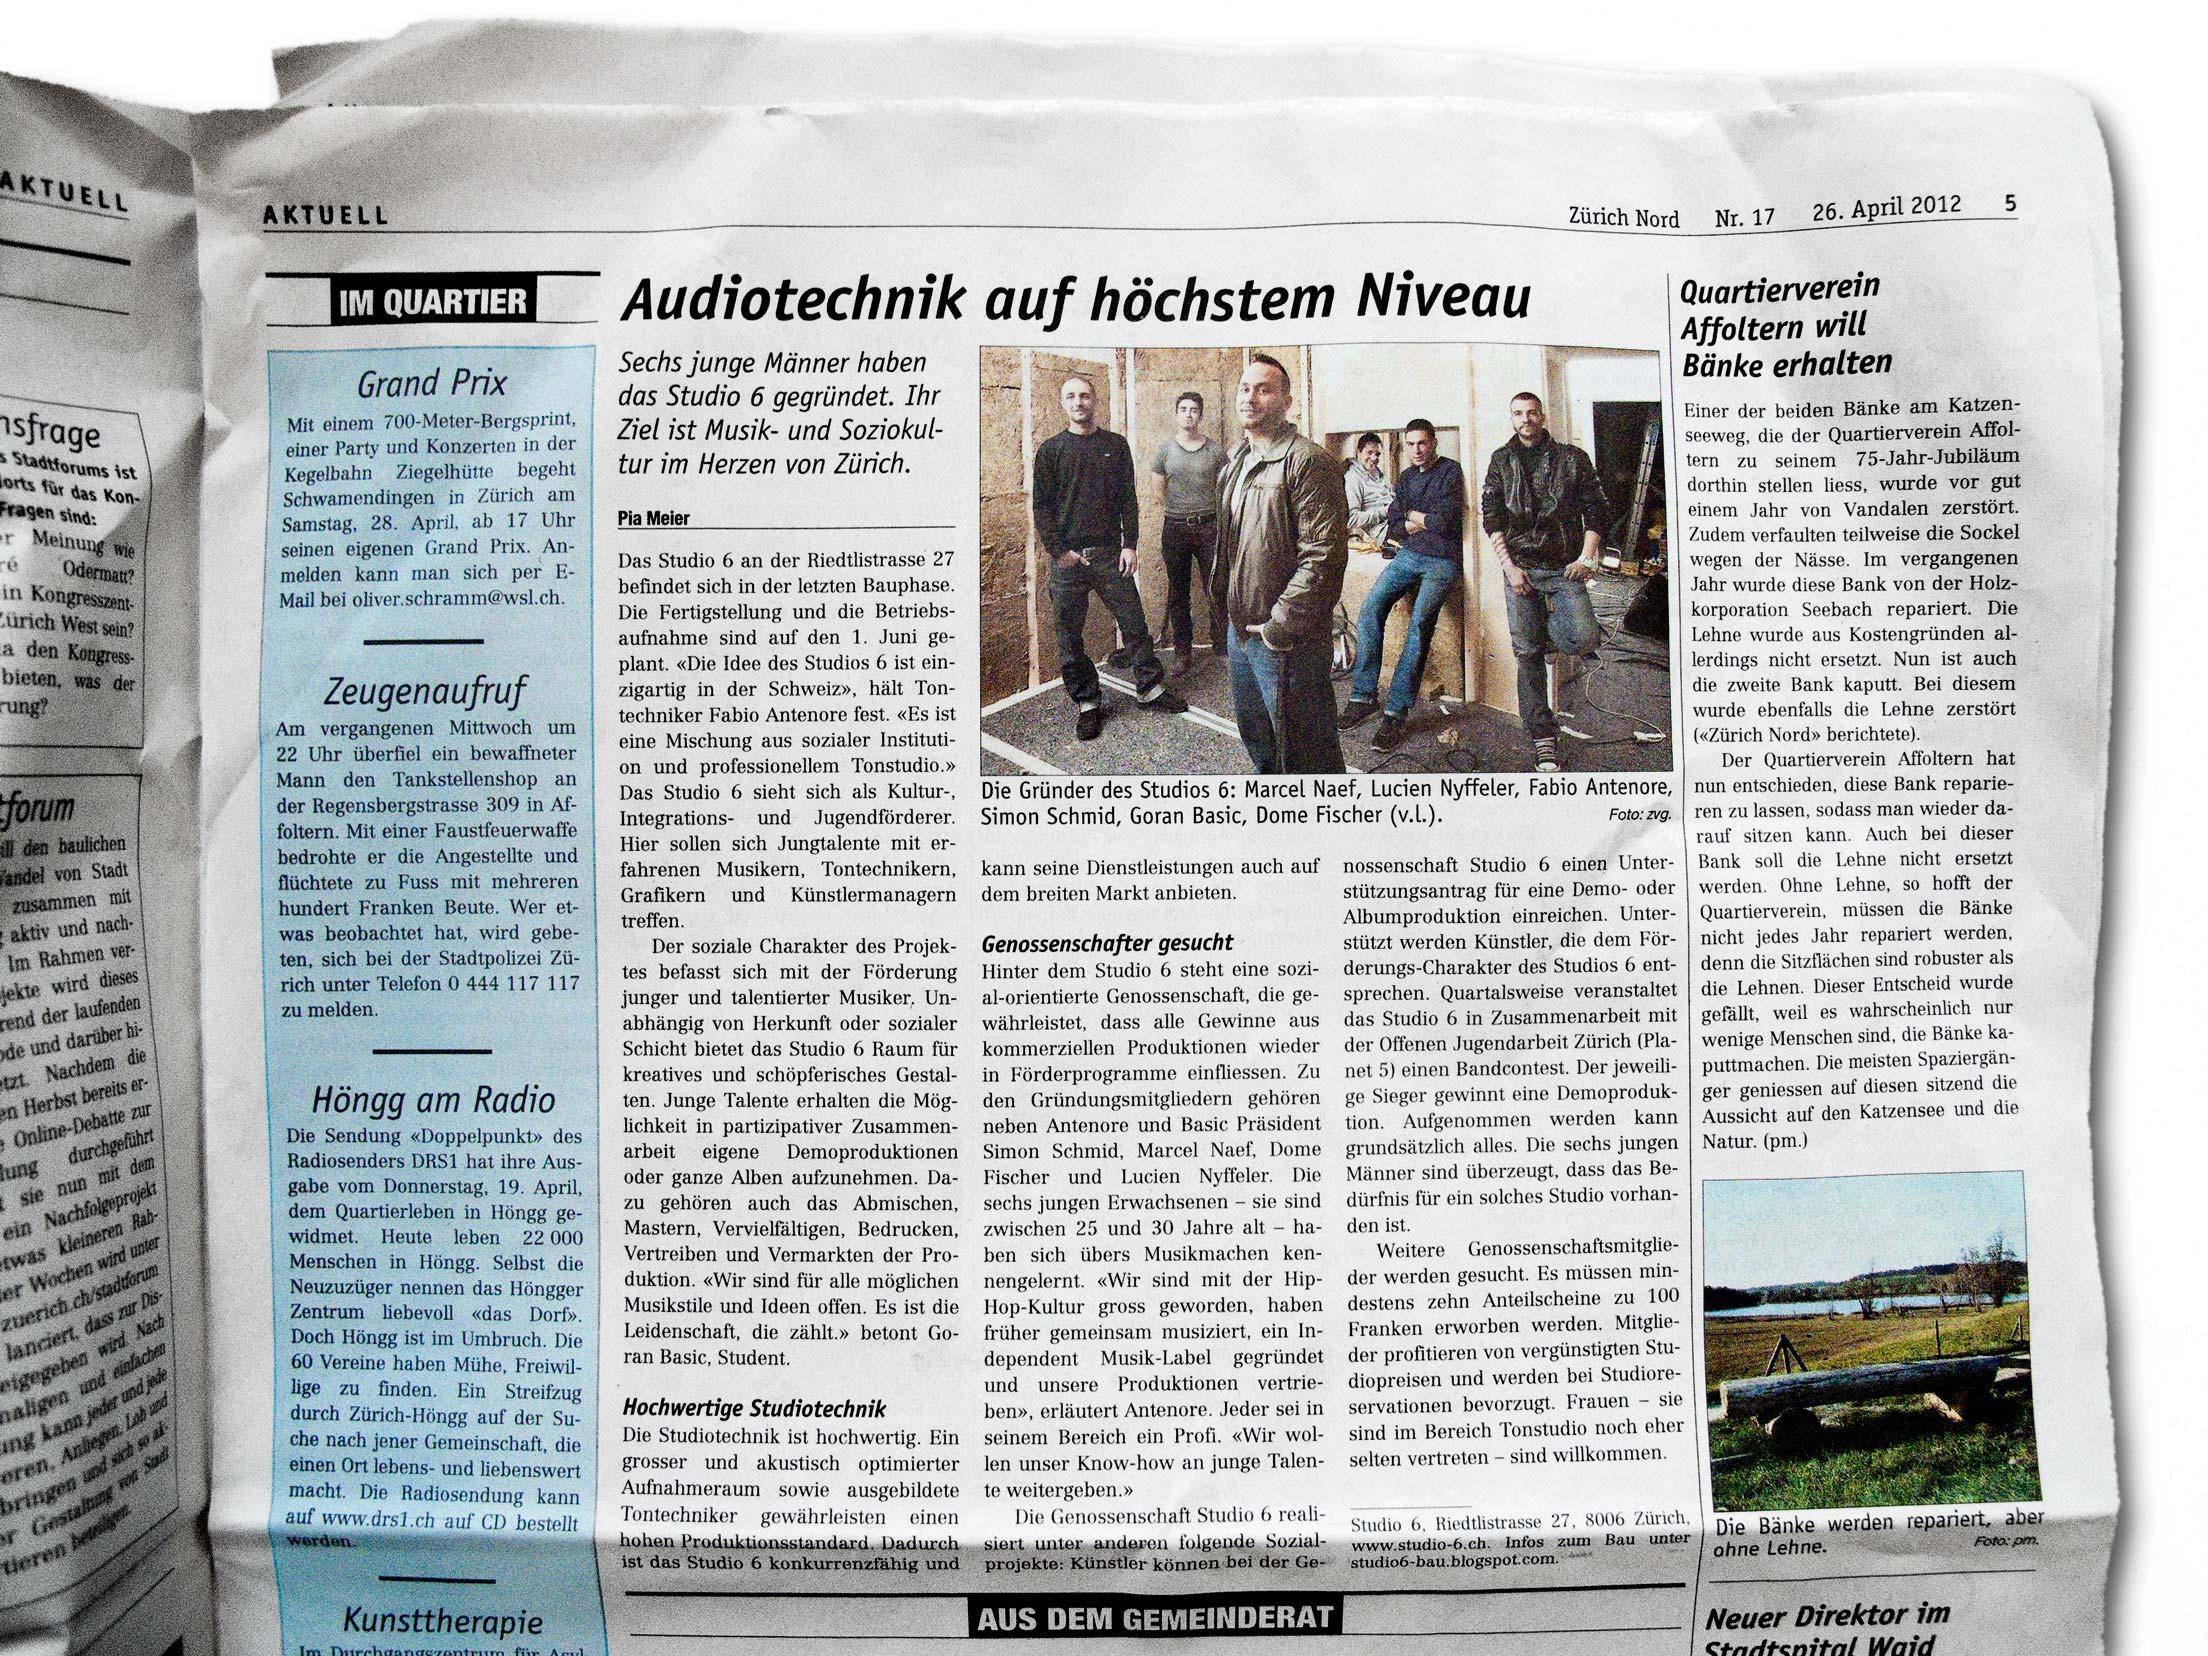 - Zürich Nord 26.04.2012Lange vor der Fertigstellung des Studios erscheint das erste mal ein Bericht über uns in den Medien, direkt von der Baustelle! (Pia Meier)